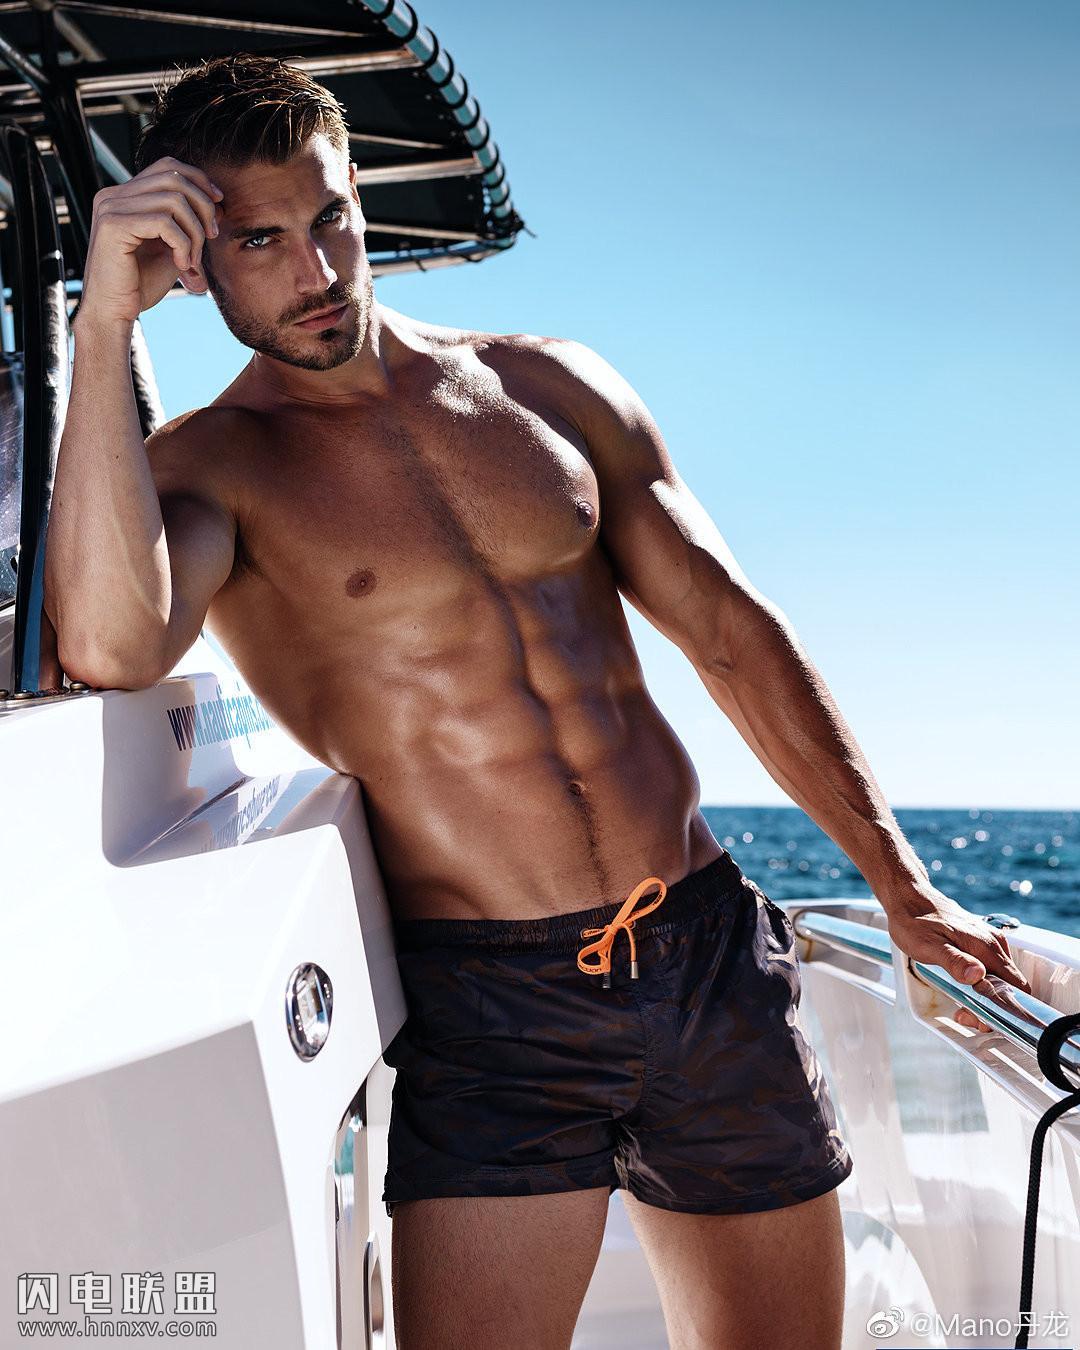 欧美高颜值性感肌肉帅哥图片第3张